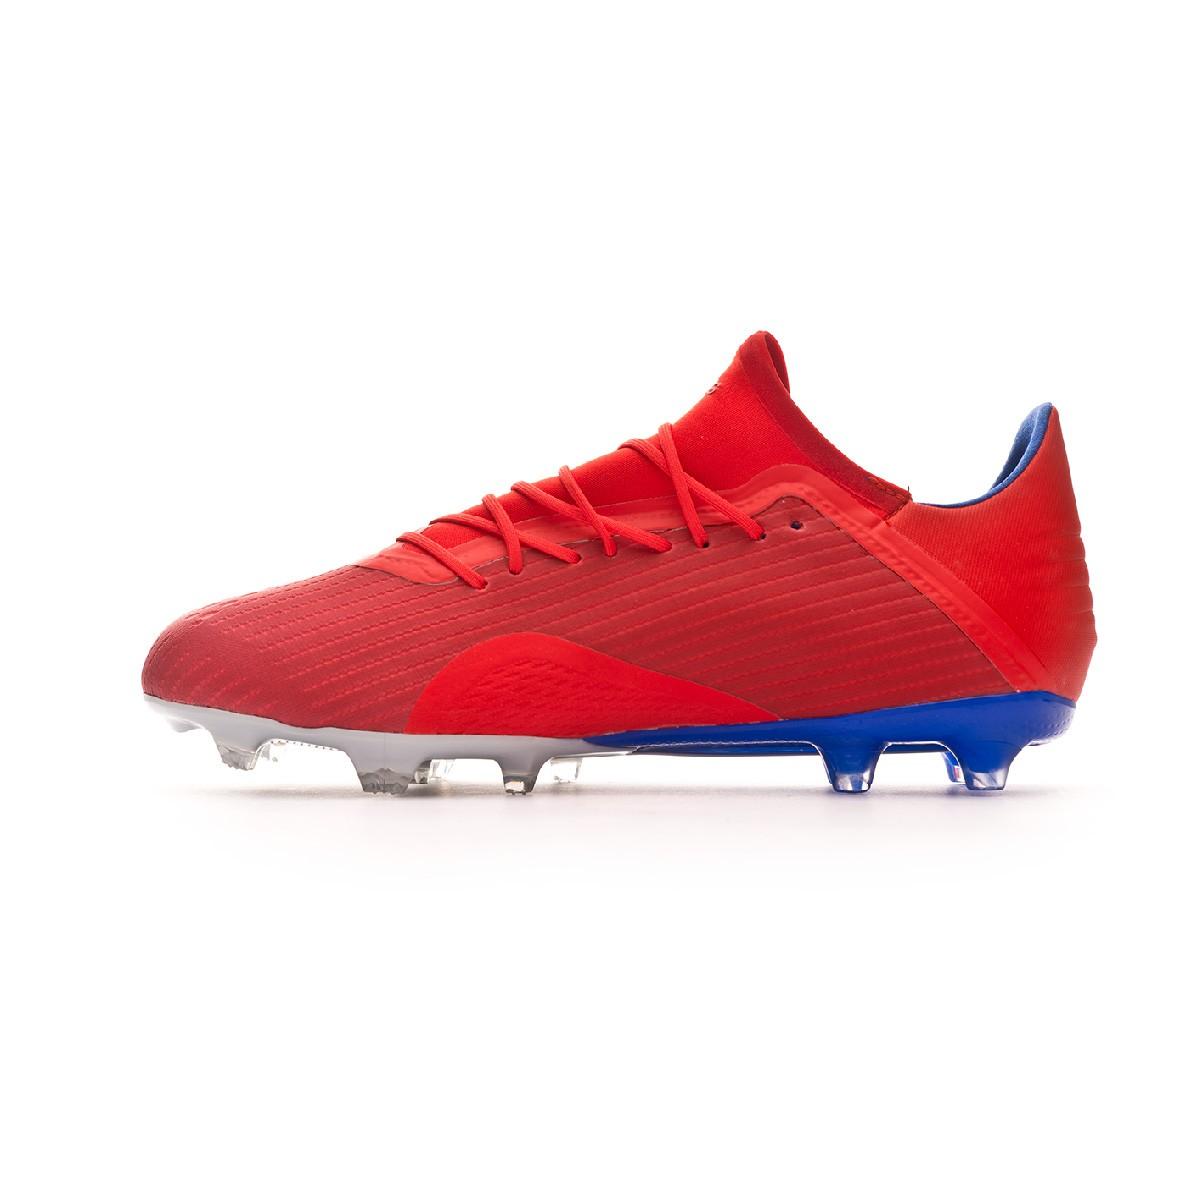 Bota de fútbol adidas X 18.2 FG Active red Silver metallic